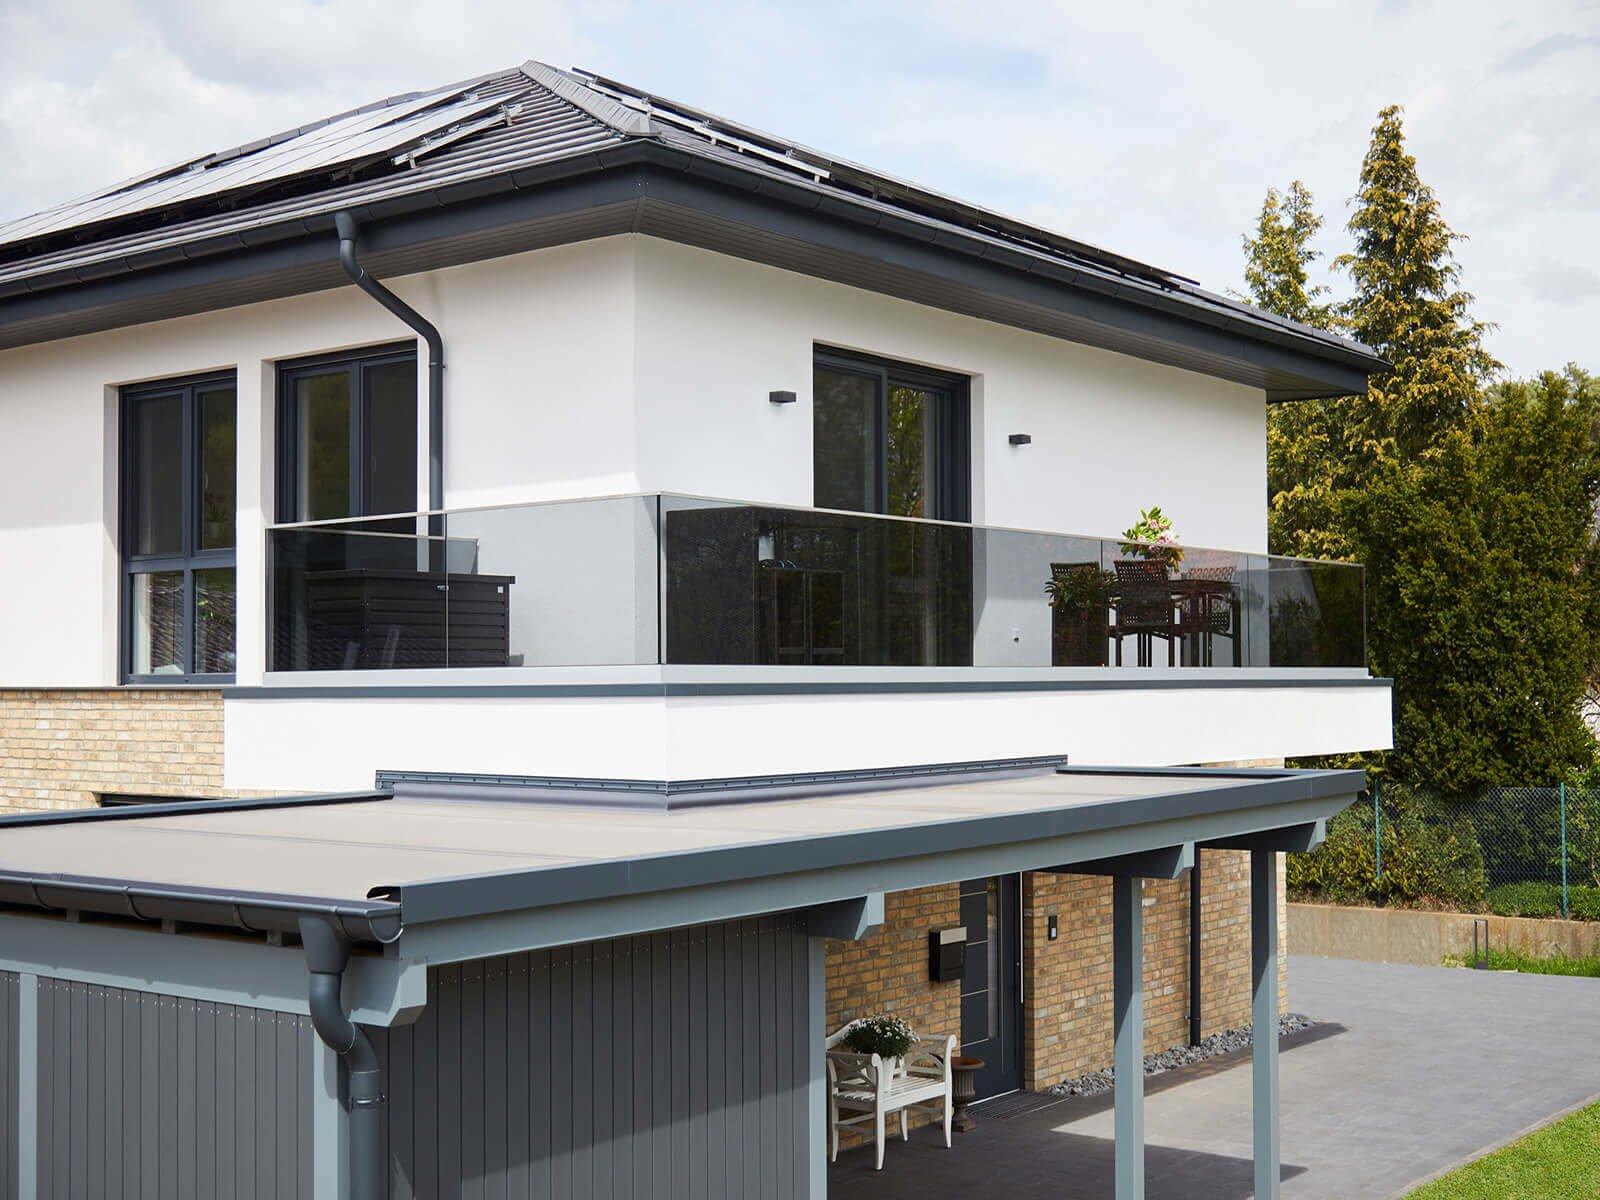 Glasrailing FORMAL hochwertige stilvolle elegante Lösung für Absturzsicherungen mit allgemeinen bauaufsichtlichem Prüfzeugnis